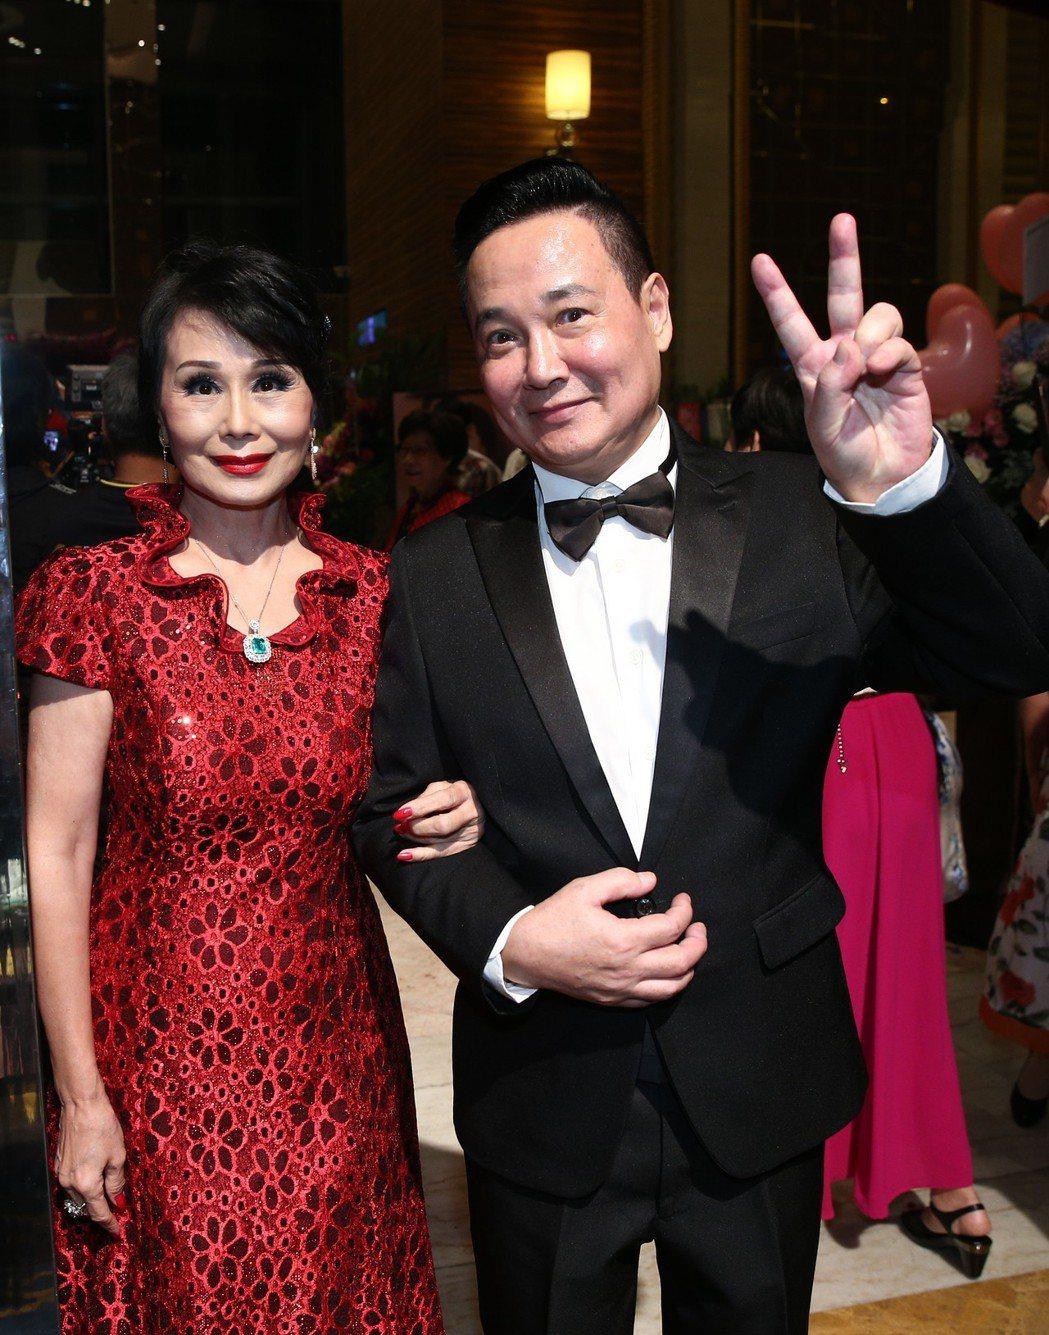 張琍敏(左)與孟飛(右)出席周遊與李朝永舉行的紅寶石婚宴。記者蘇健忠/攝影